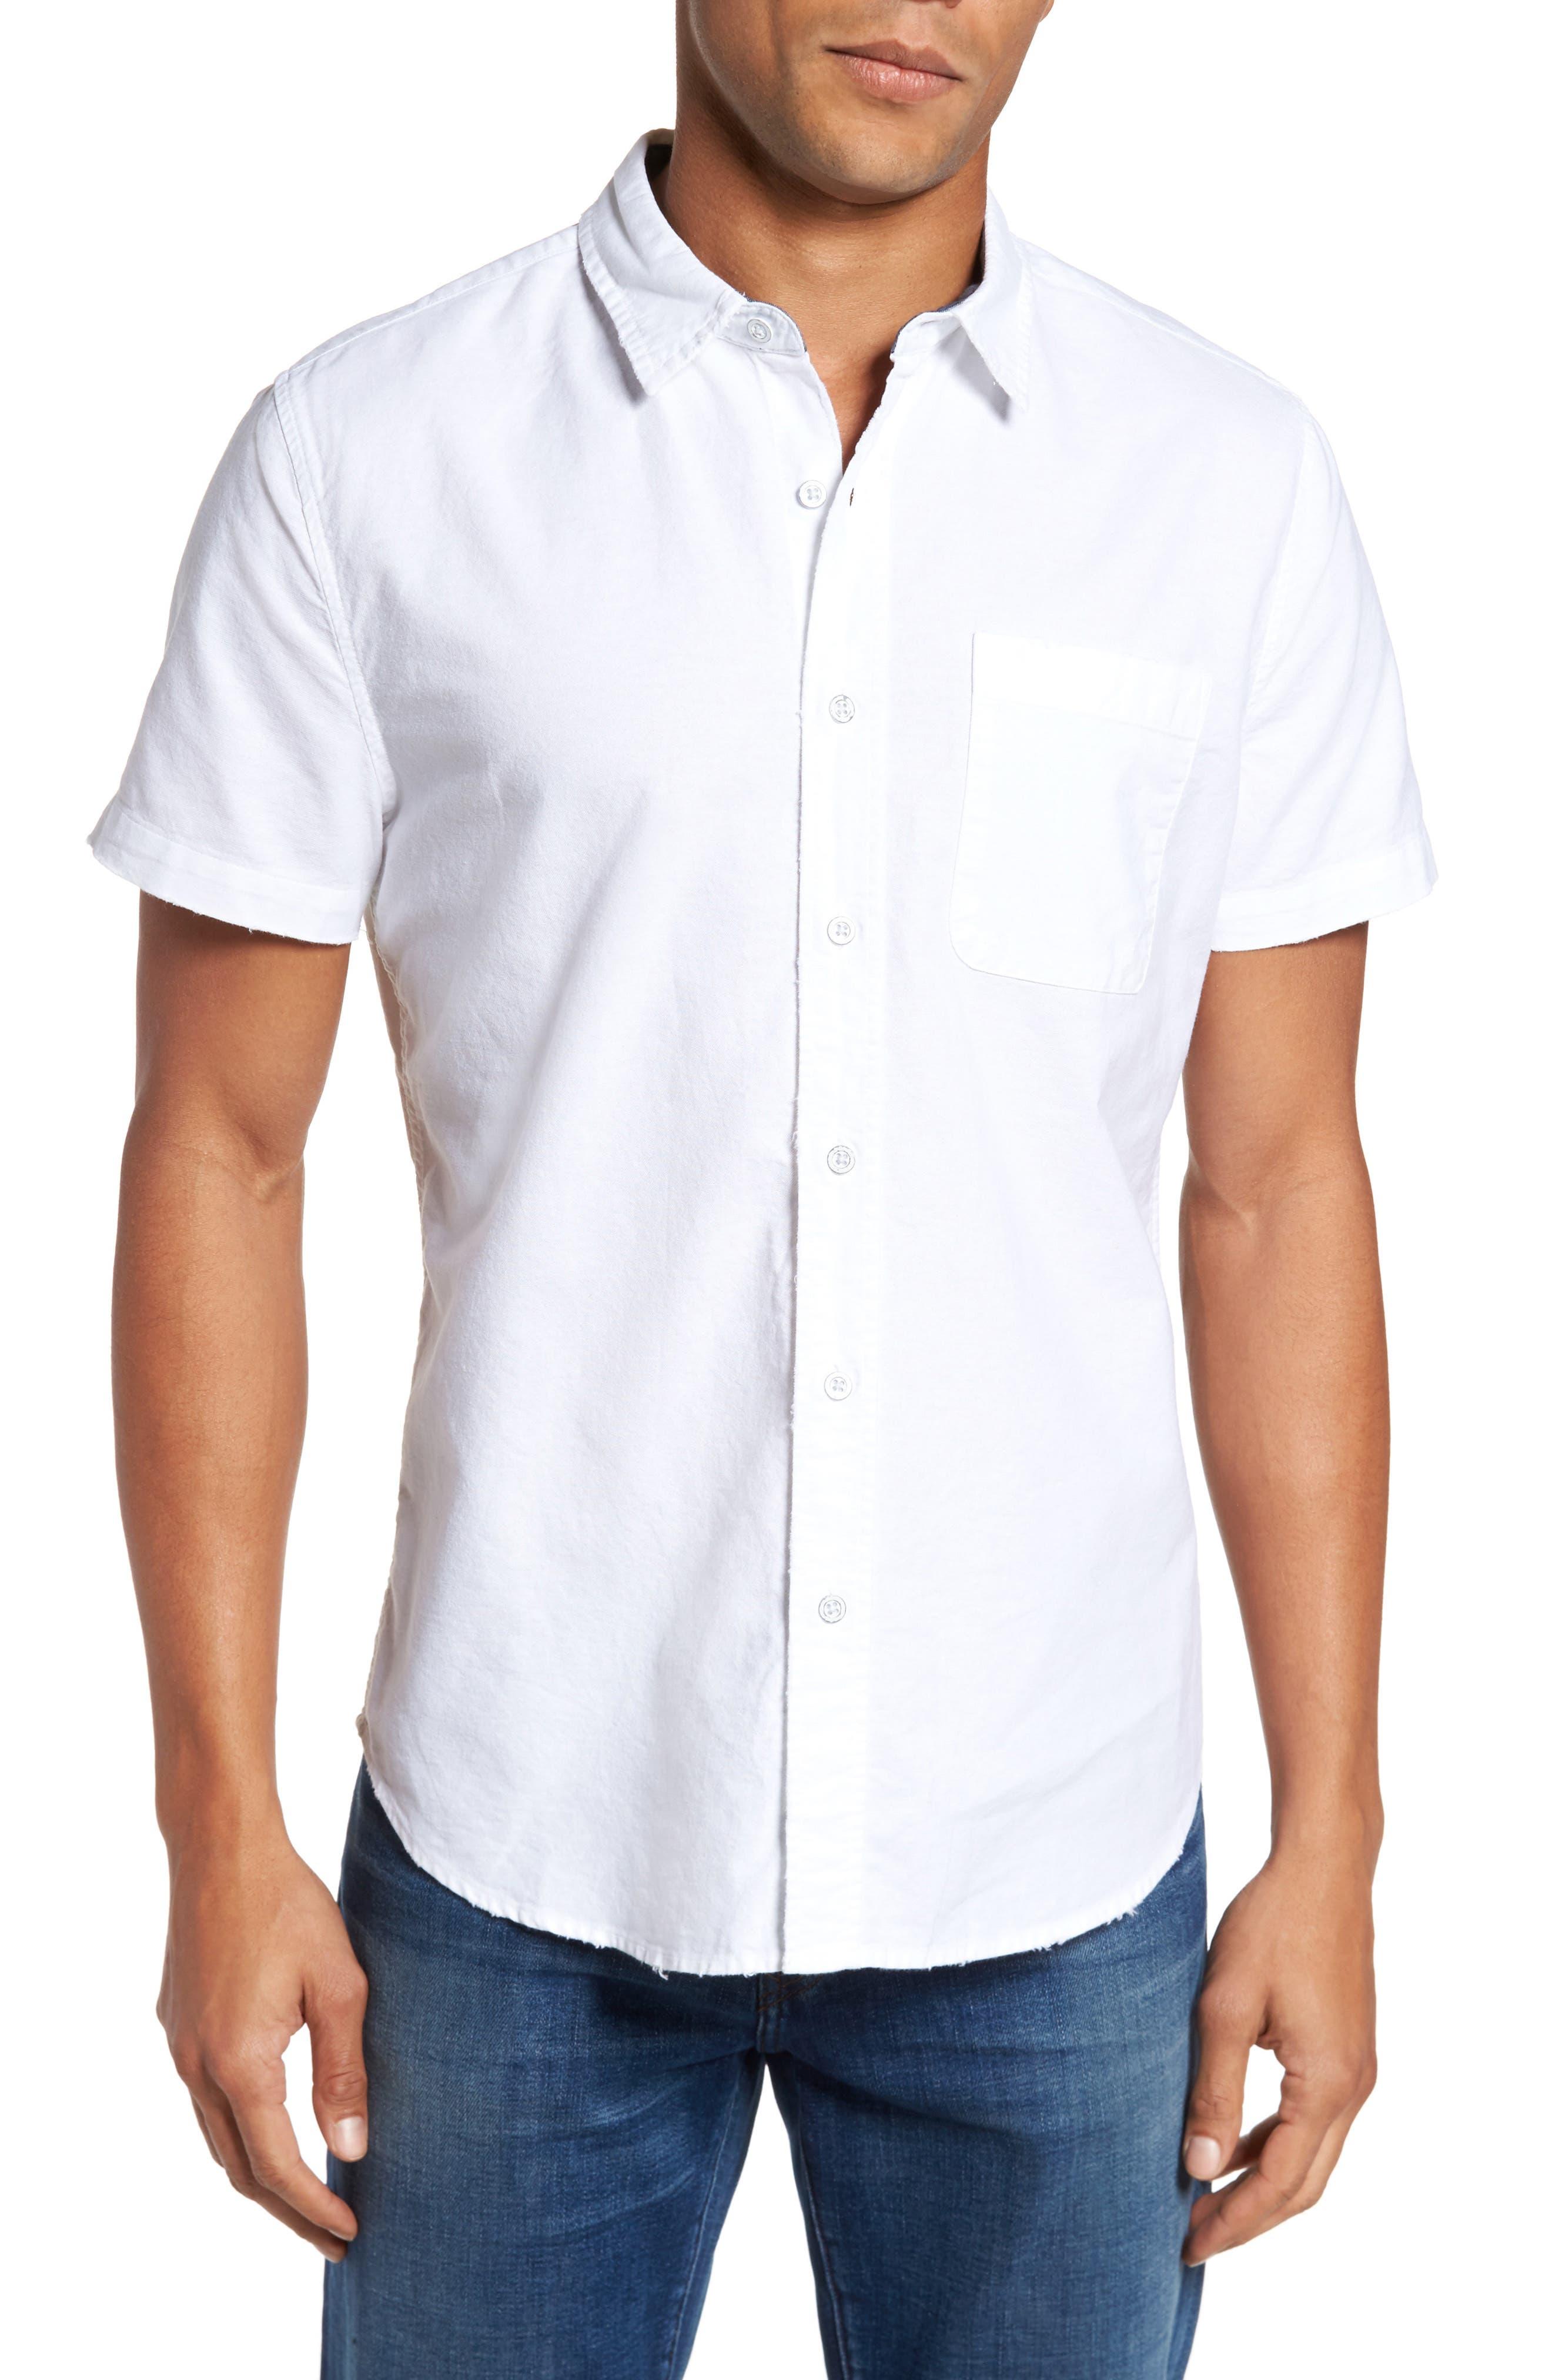 Alternate Image 1 Selected - AG Nash Slim Fit Sport Shirt